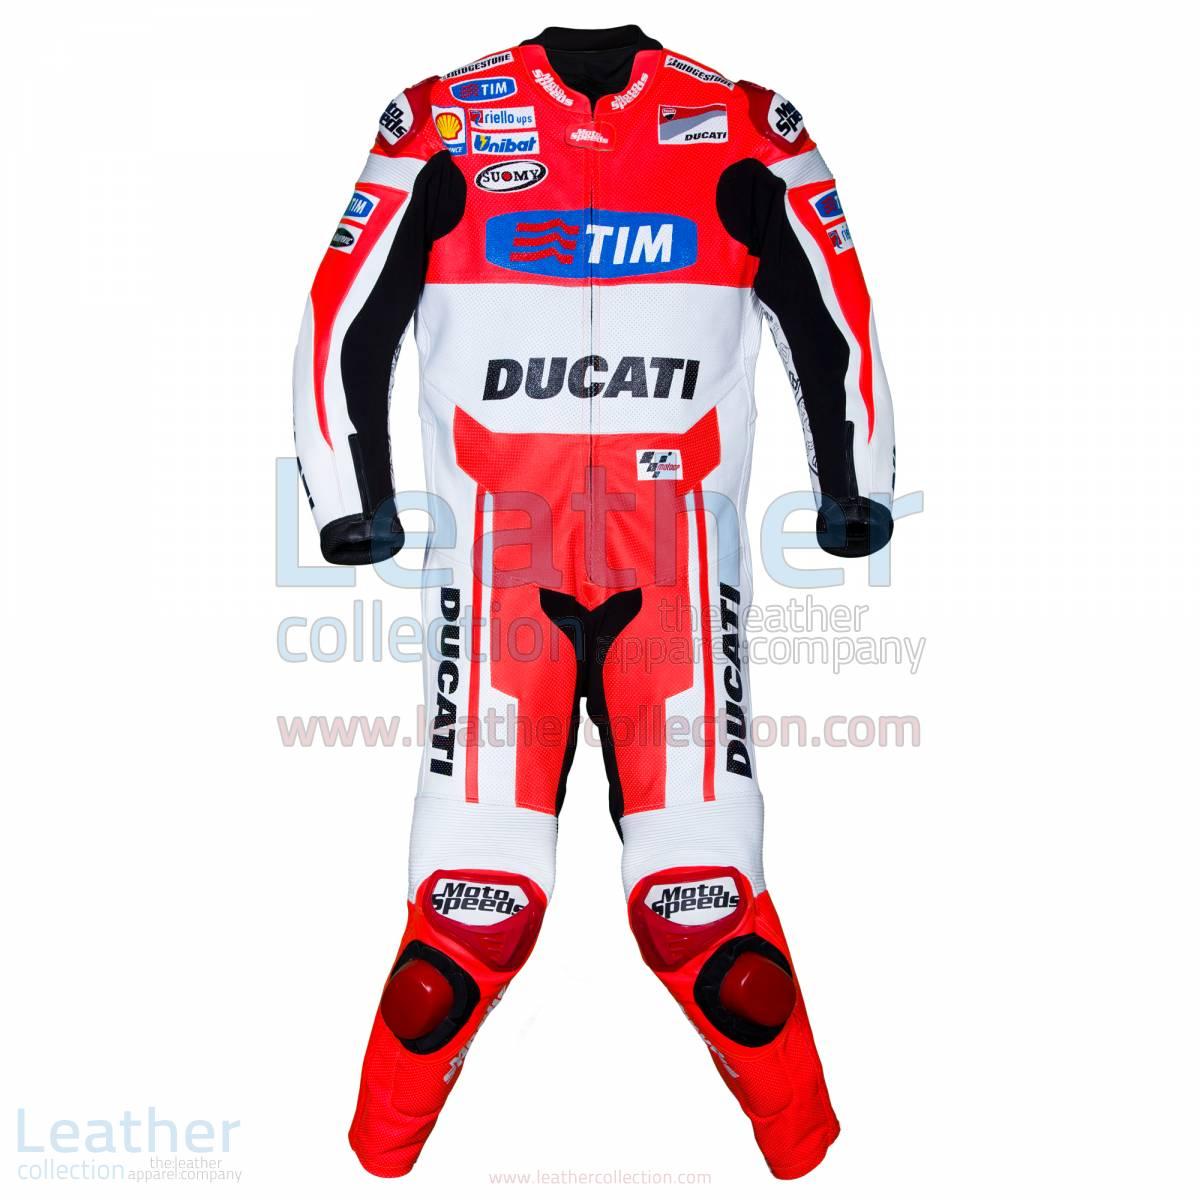 Andrea Dovizioso Ducati MotoGP 2015 Leathers – Ducati Suit